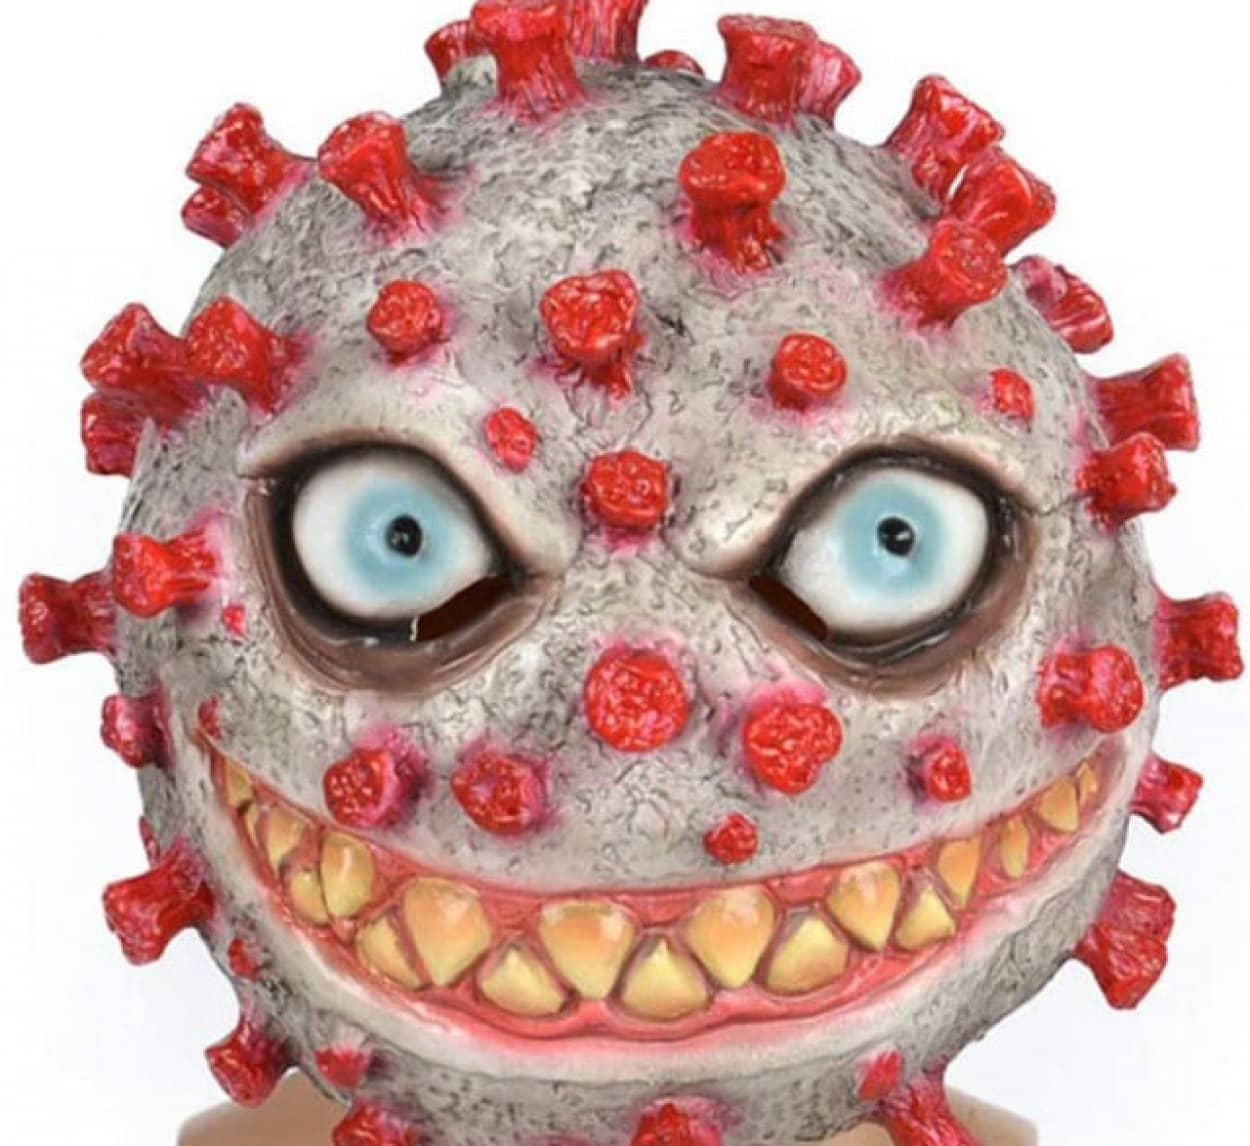 ハロウィン用コロナウイルスマスクが物議